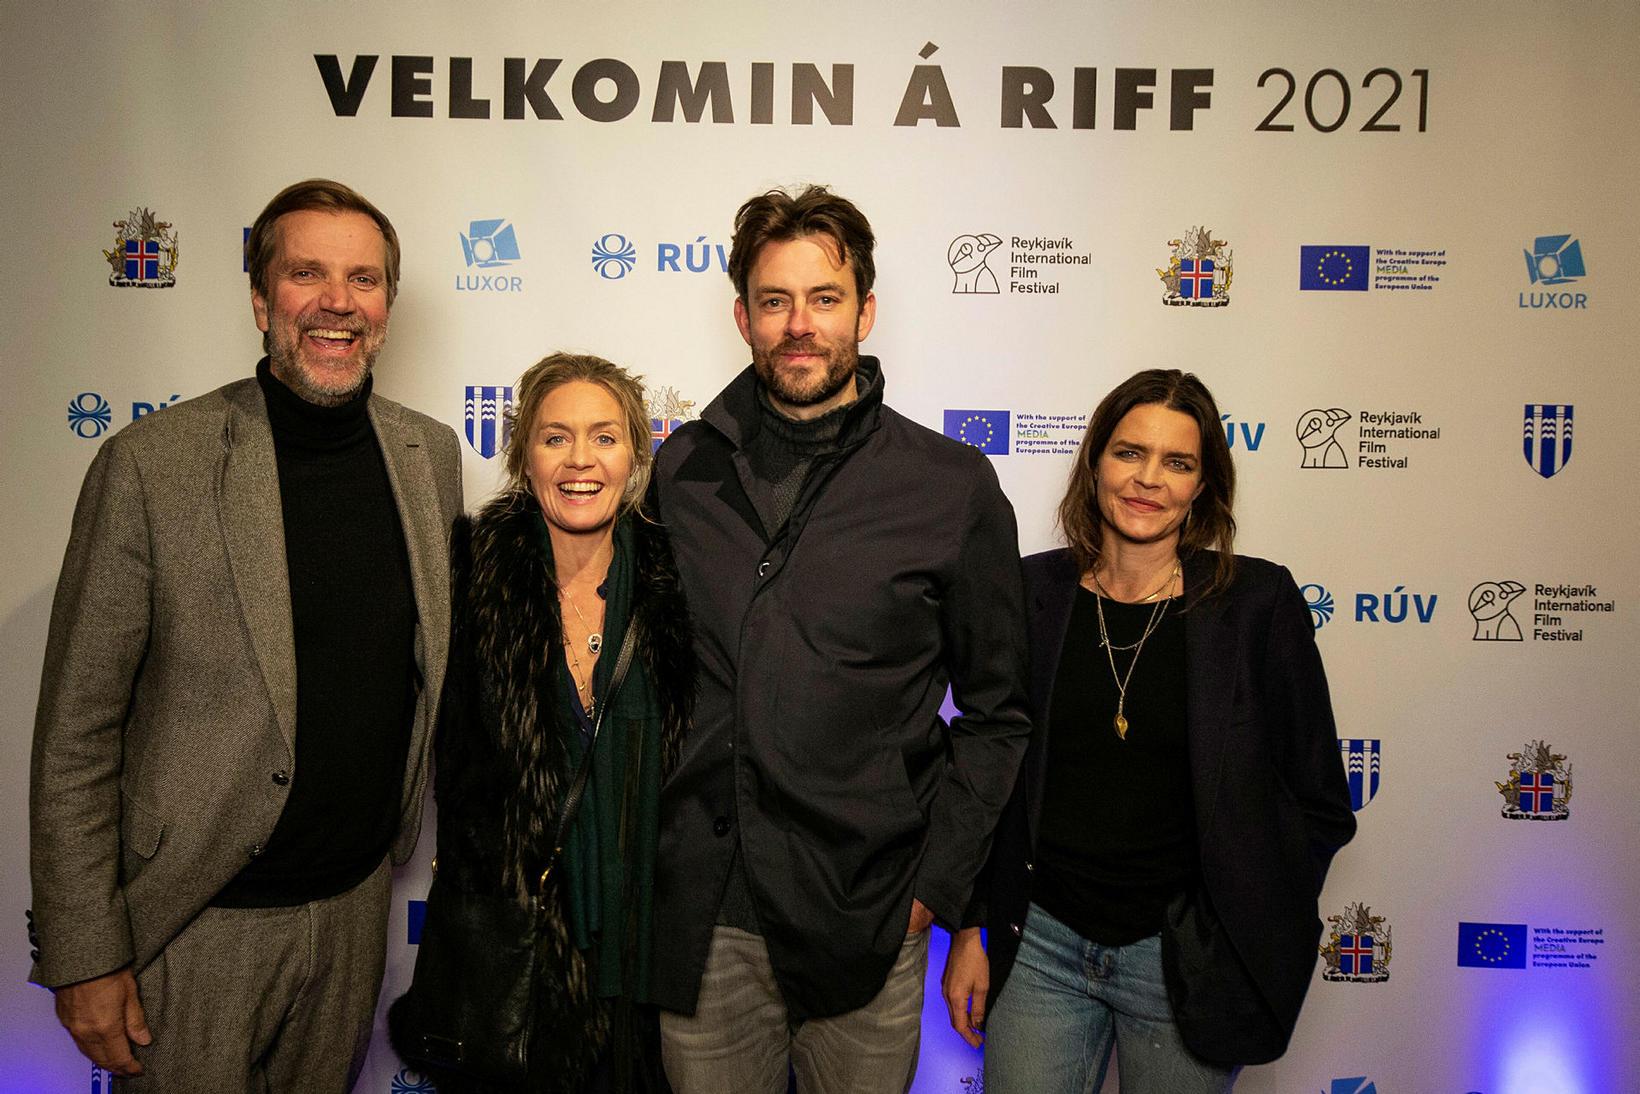 Þorsteinn Backman, Nína Dögg, Gísli Örn, Silja Hauksdóttir.